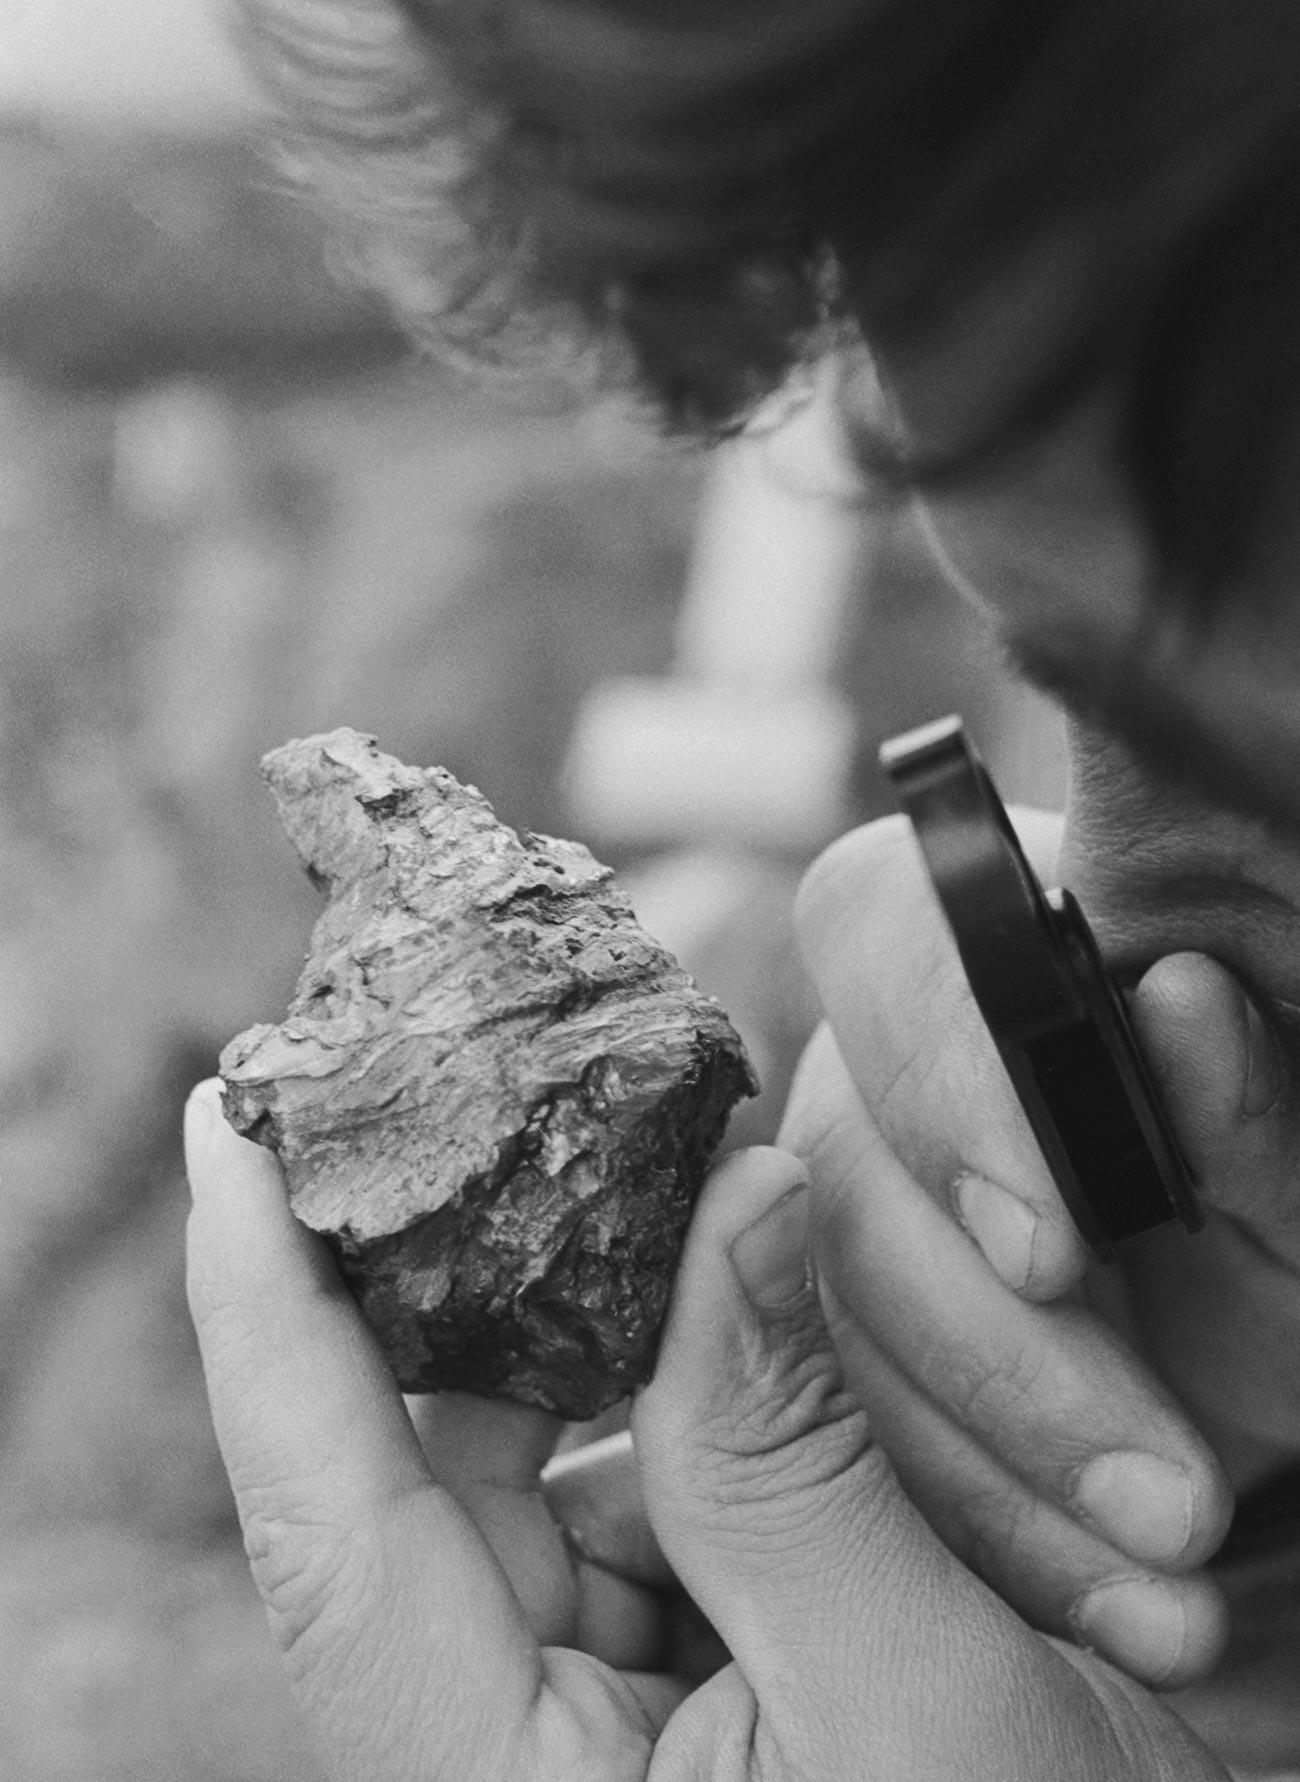 学者がステルリタマク隕石の破片をチェックしている